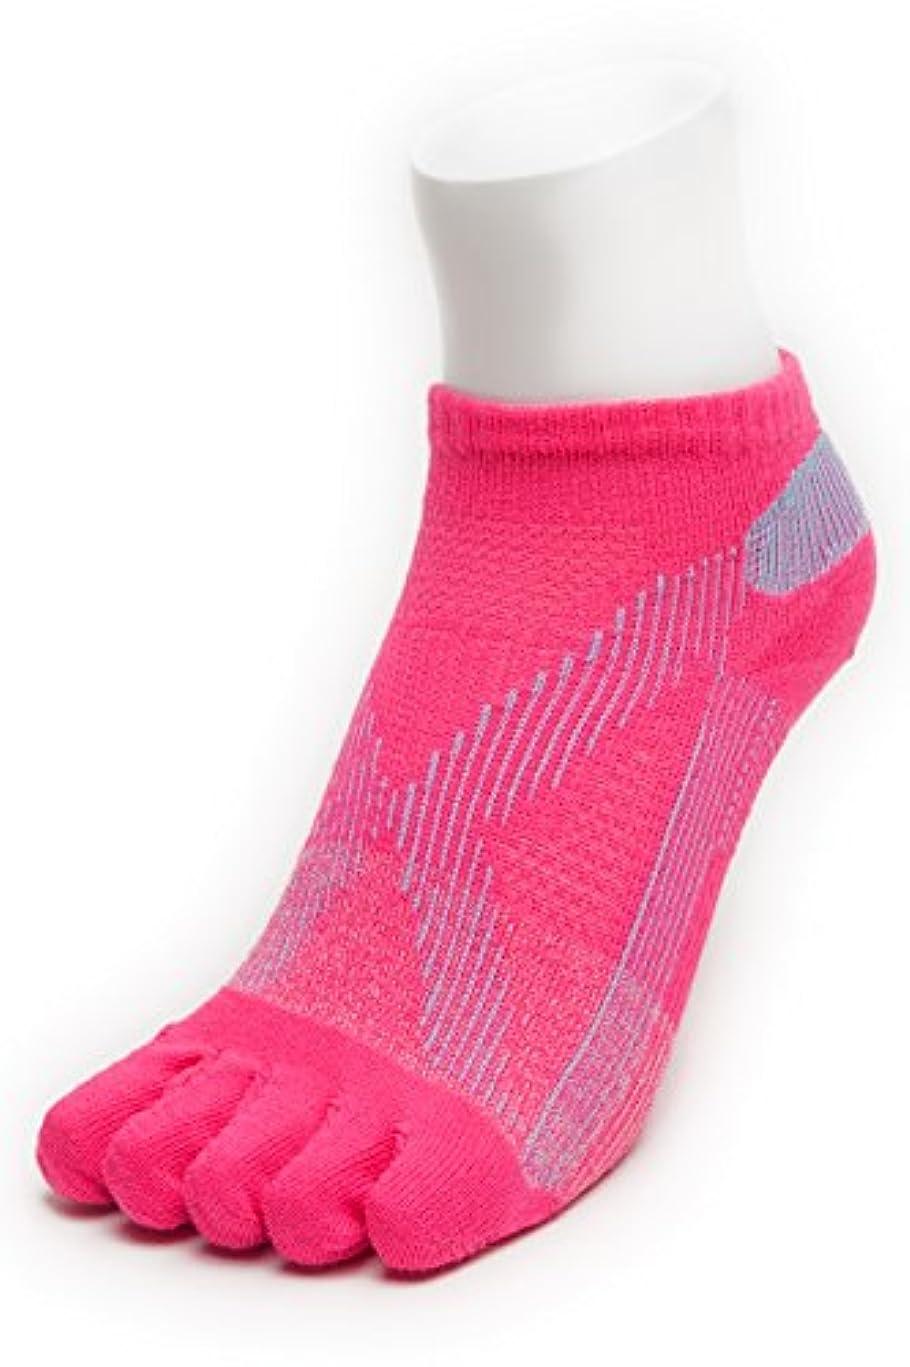 手足悪行ピューAIRエアーバリエ 5本指ソックス (22~25㎝?ピンク)テーピング ソックス 歩きやすく疲れにくい靴下 【エコノレッグ】【レディース 靴下】 (ピンク)